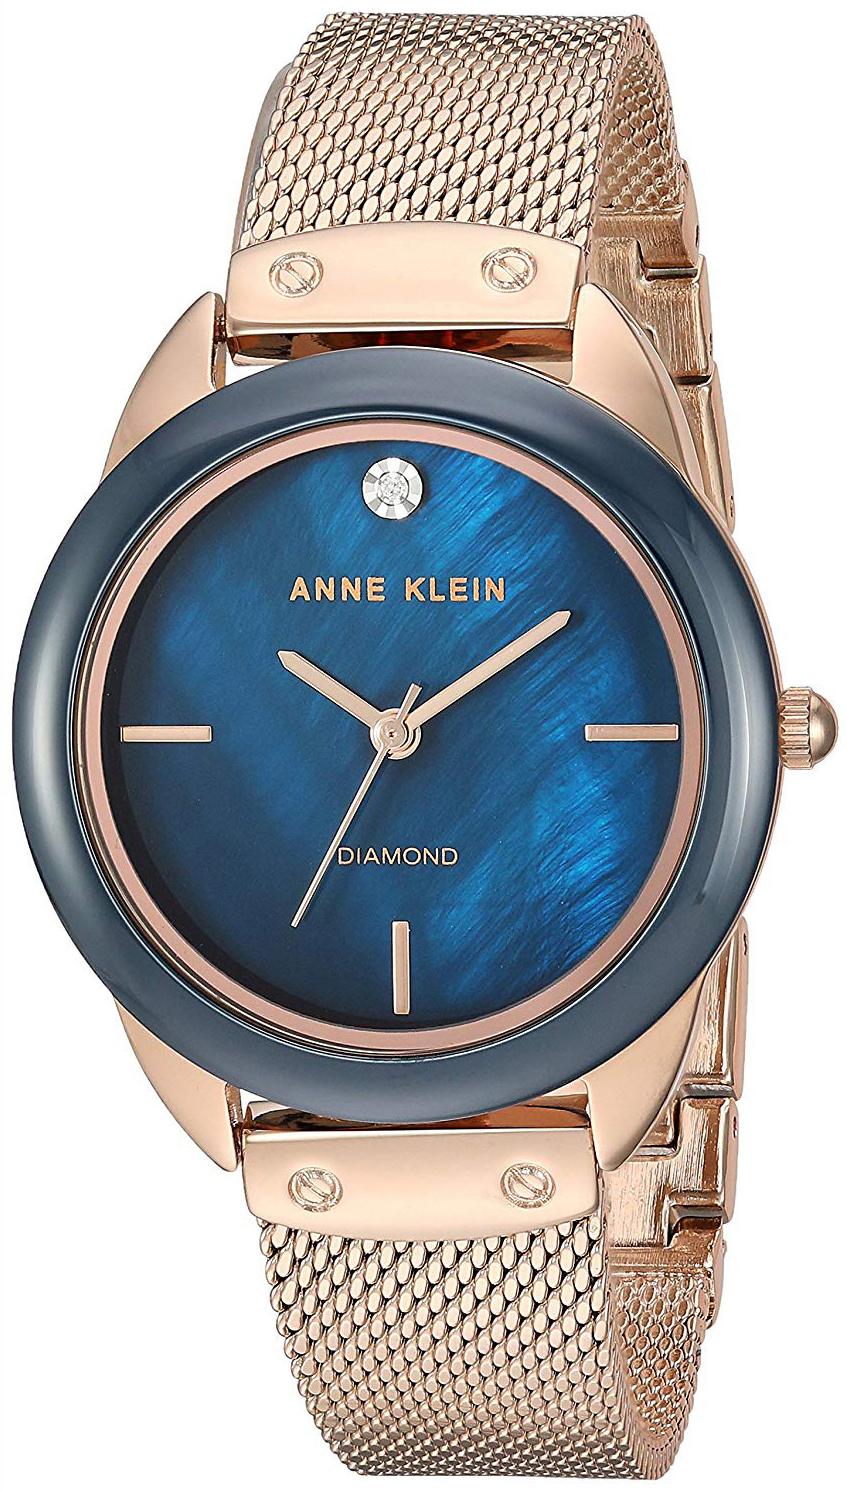 Anne Klein Diamond Dameklokke AK/3258NVRG Blå/Rose-gulltonet stål - Anne Klein